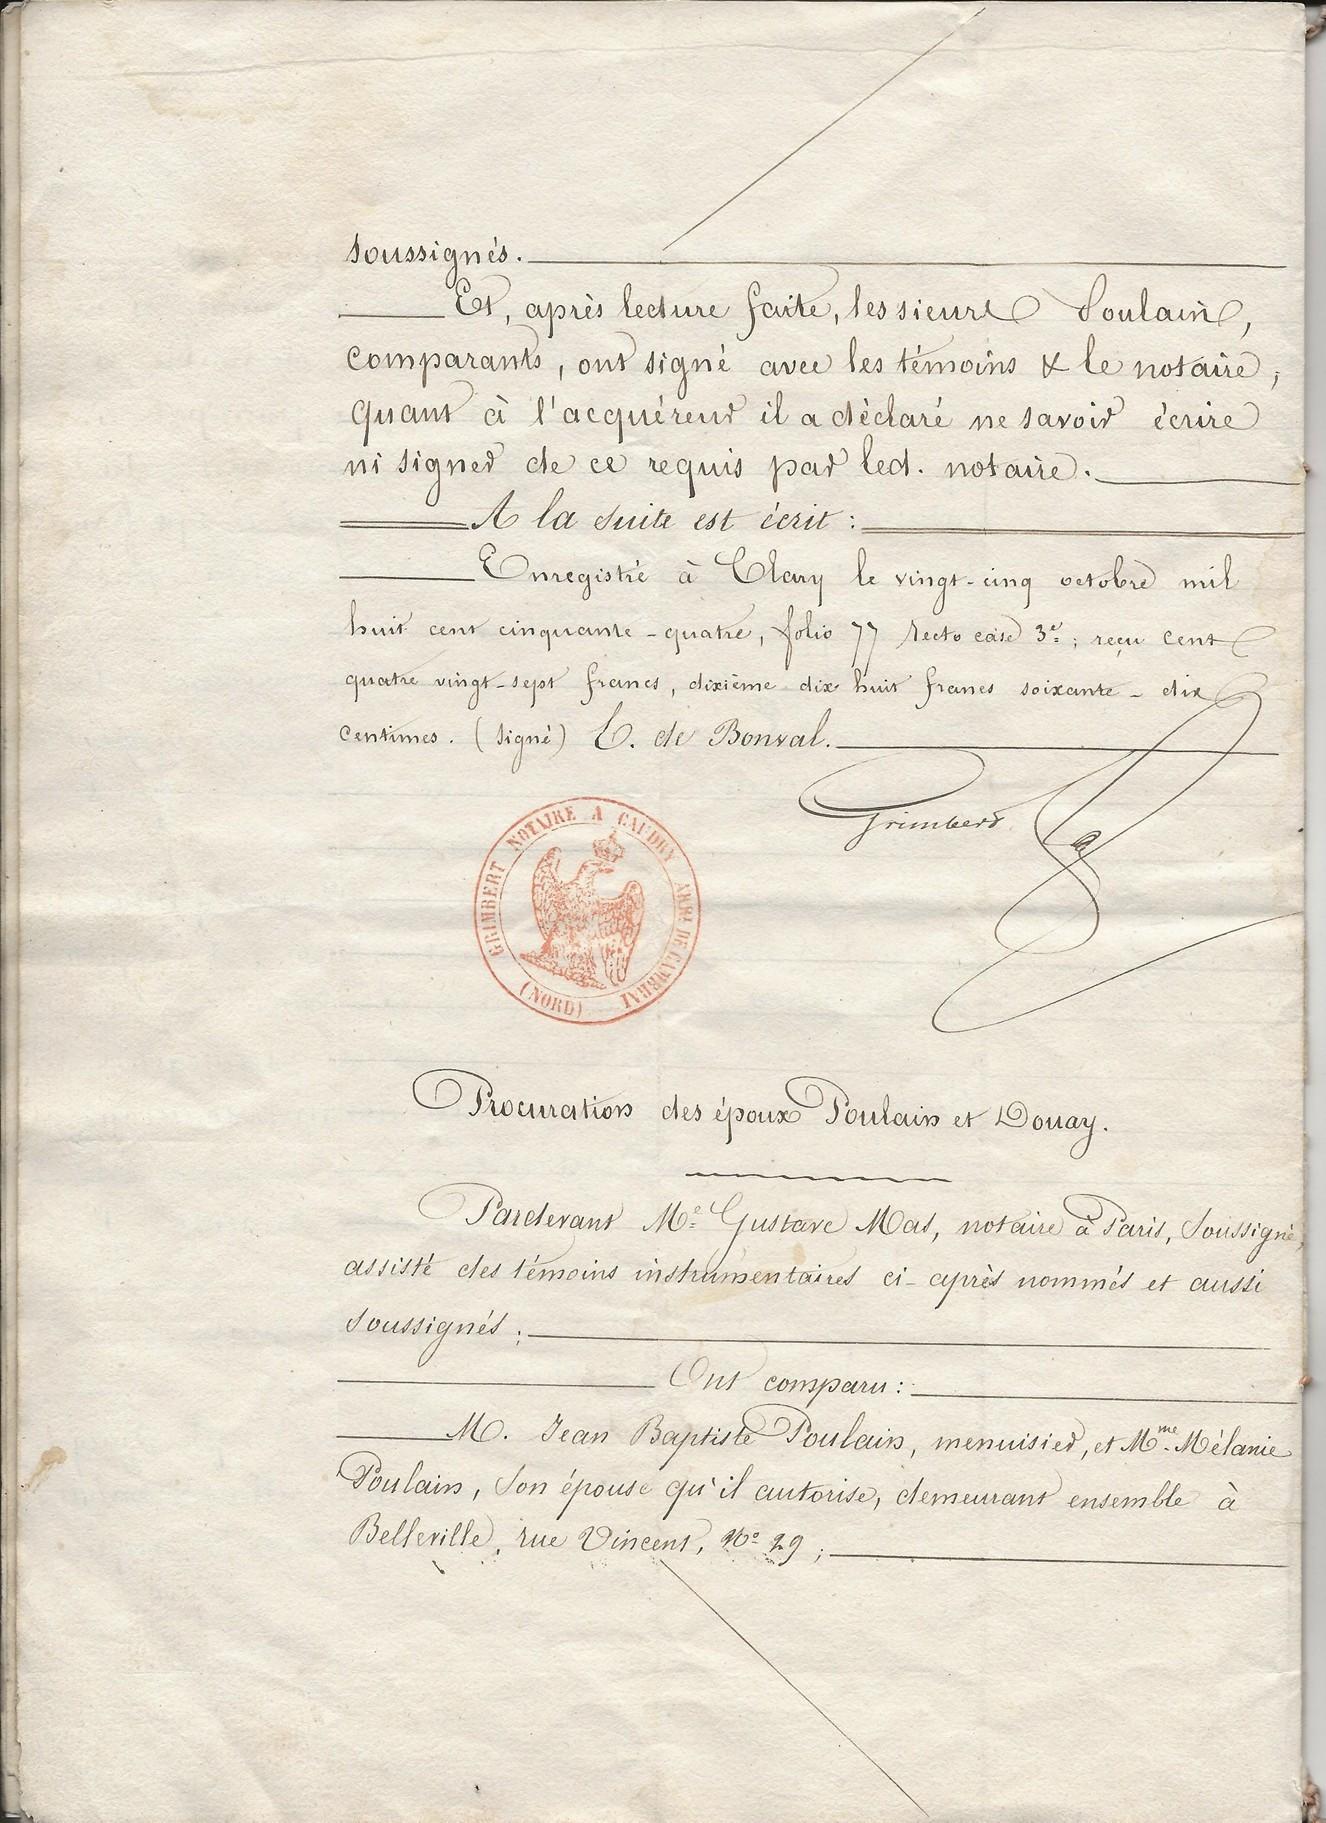 1854 vente vve et heritiers poulain a jospin 006